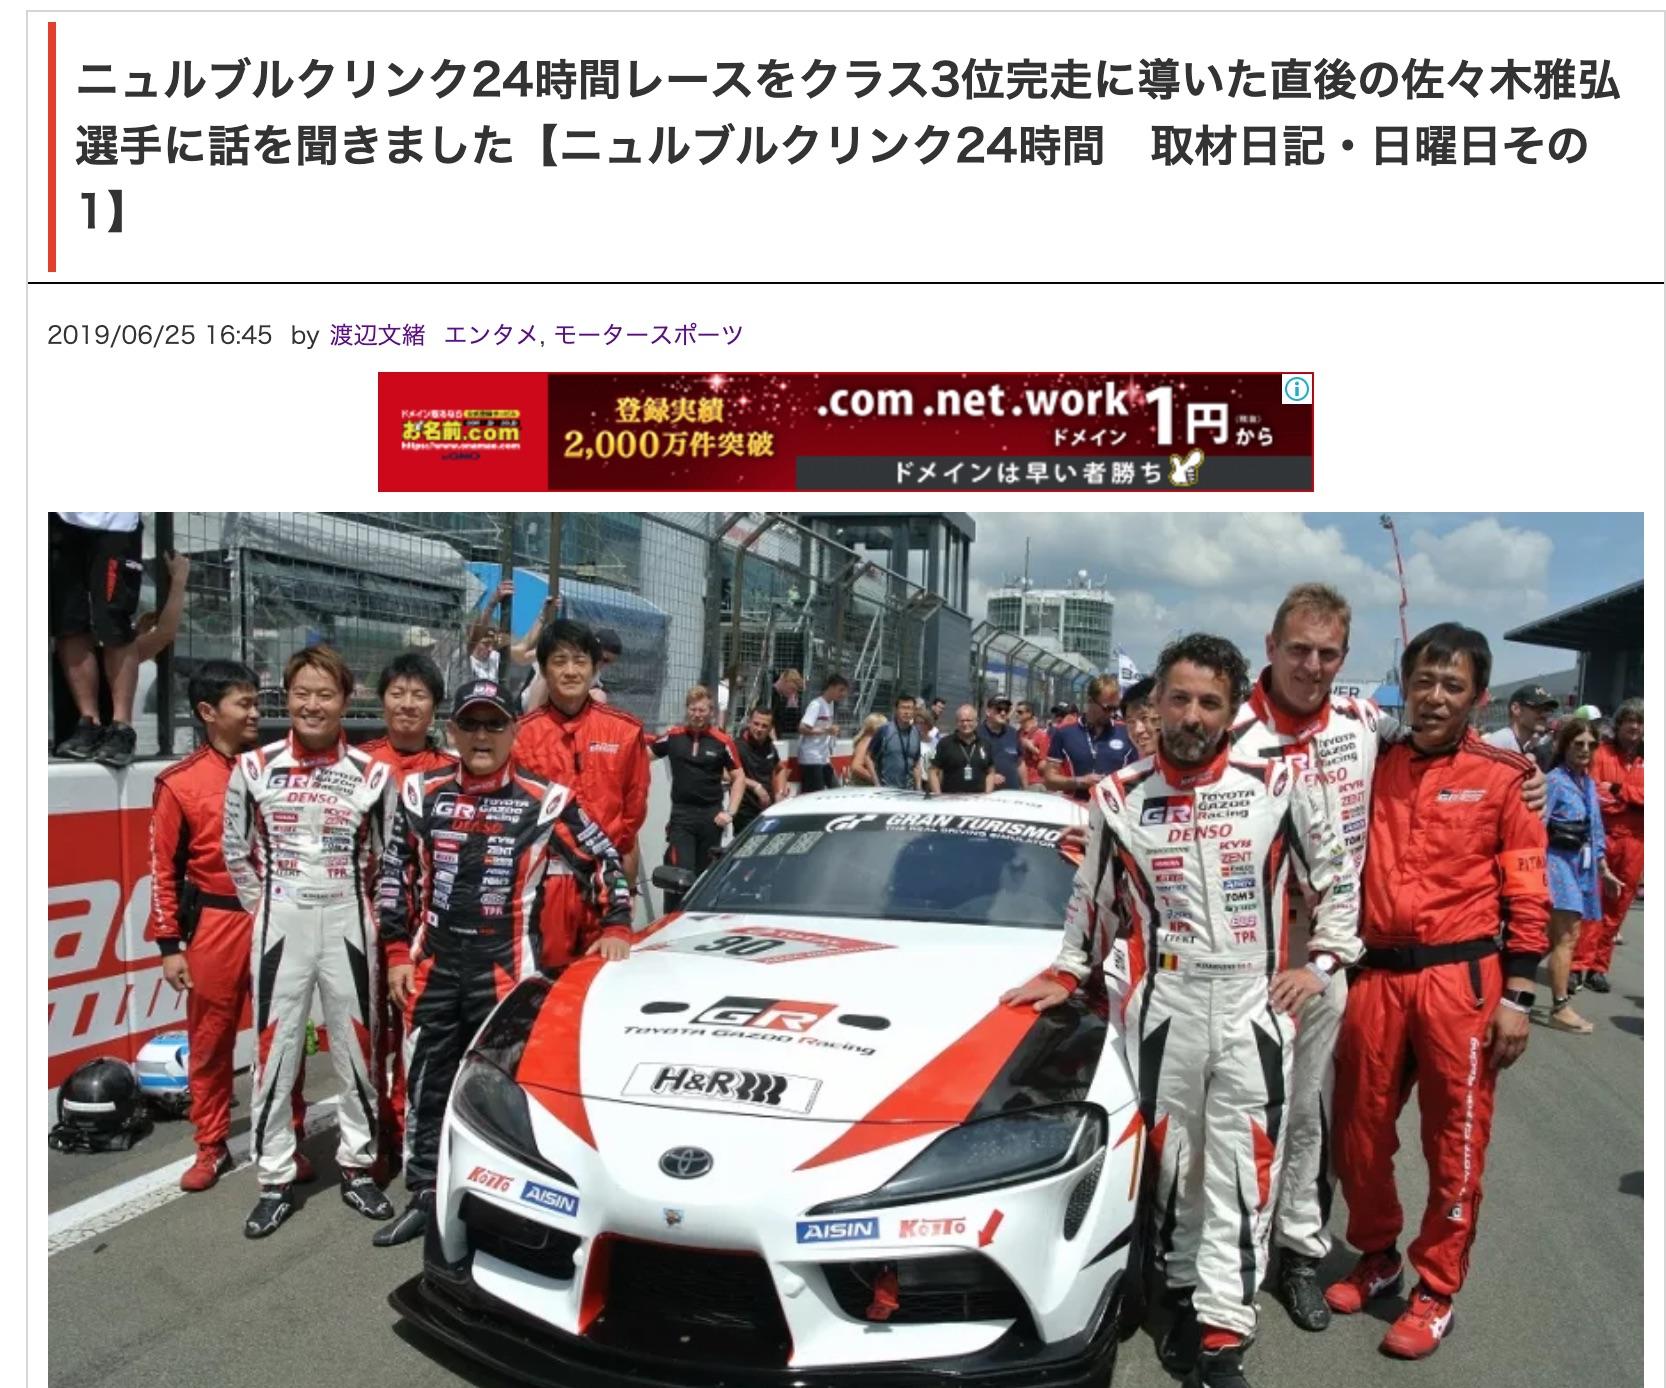 ニュルブルクリンク24時間レースをクラス3位完走に導いた直後の佐々木雅弘選手に話を聞きました。